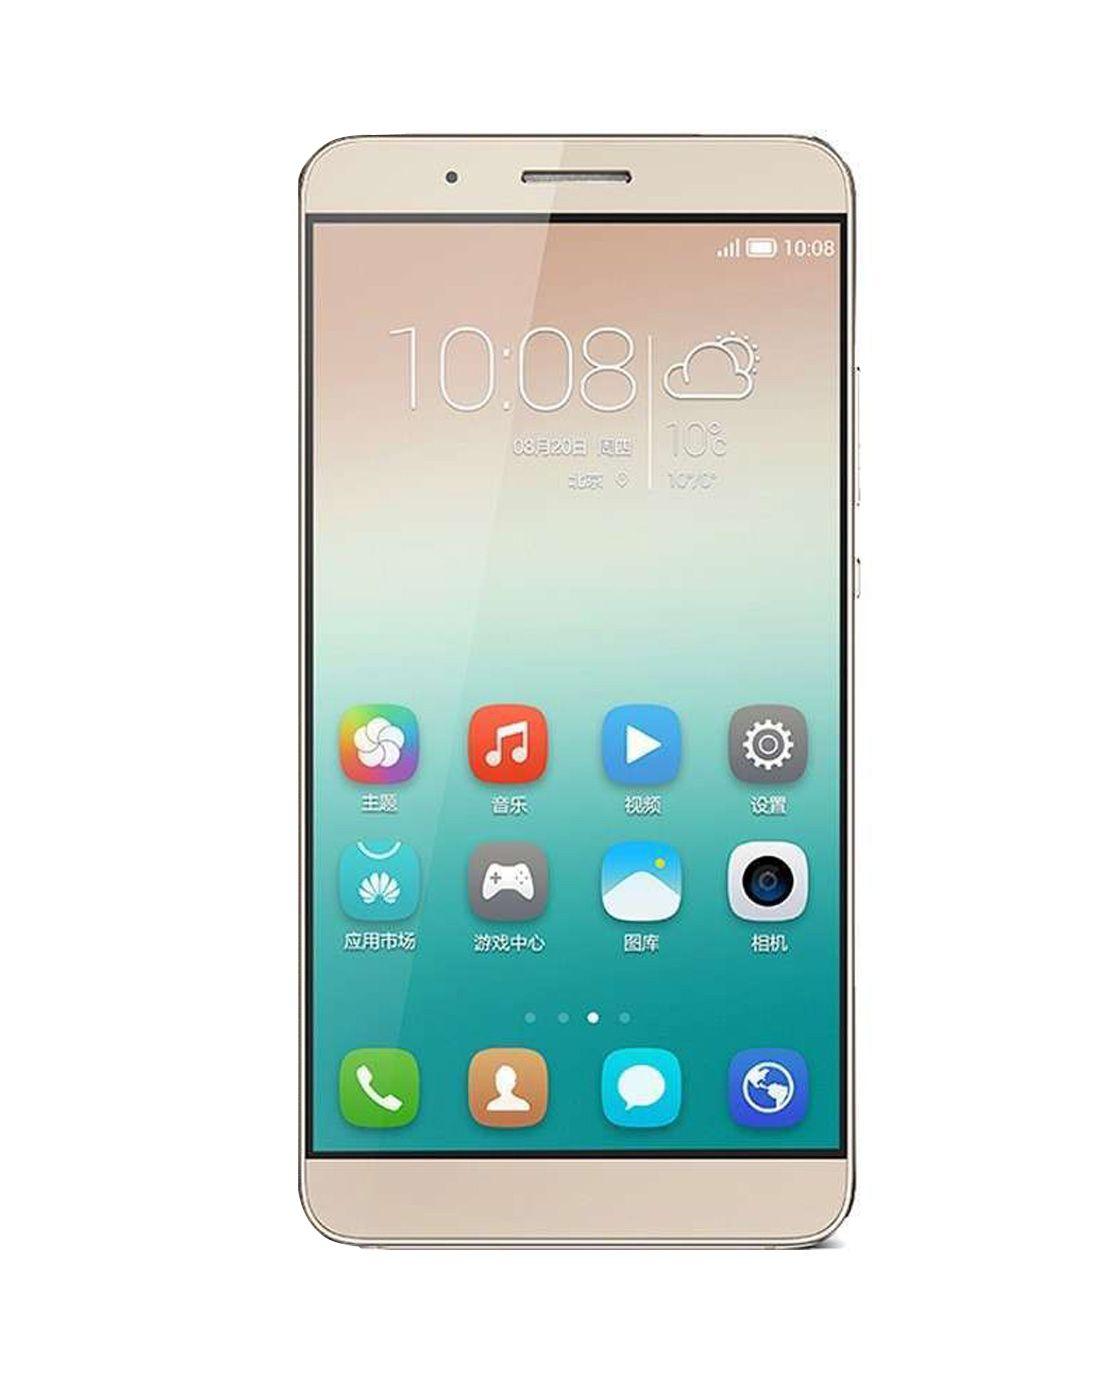 手机���y�`9g*9g,9�^�_手机 1100_1390 竖版 竖屏